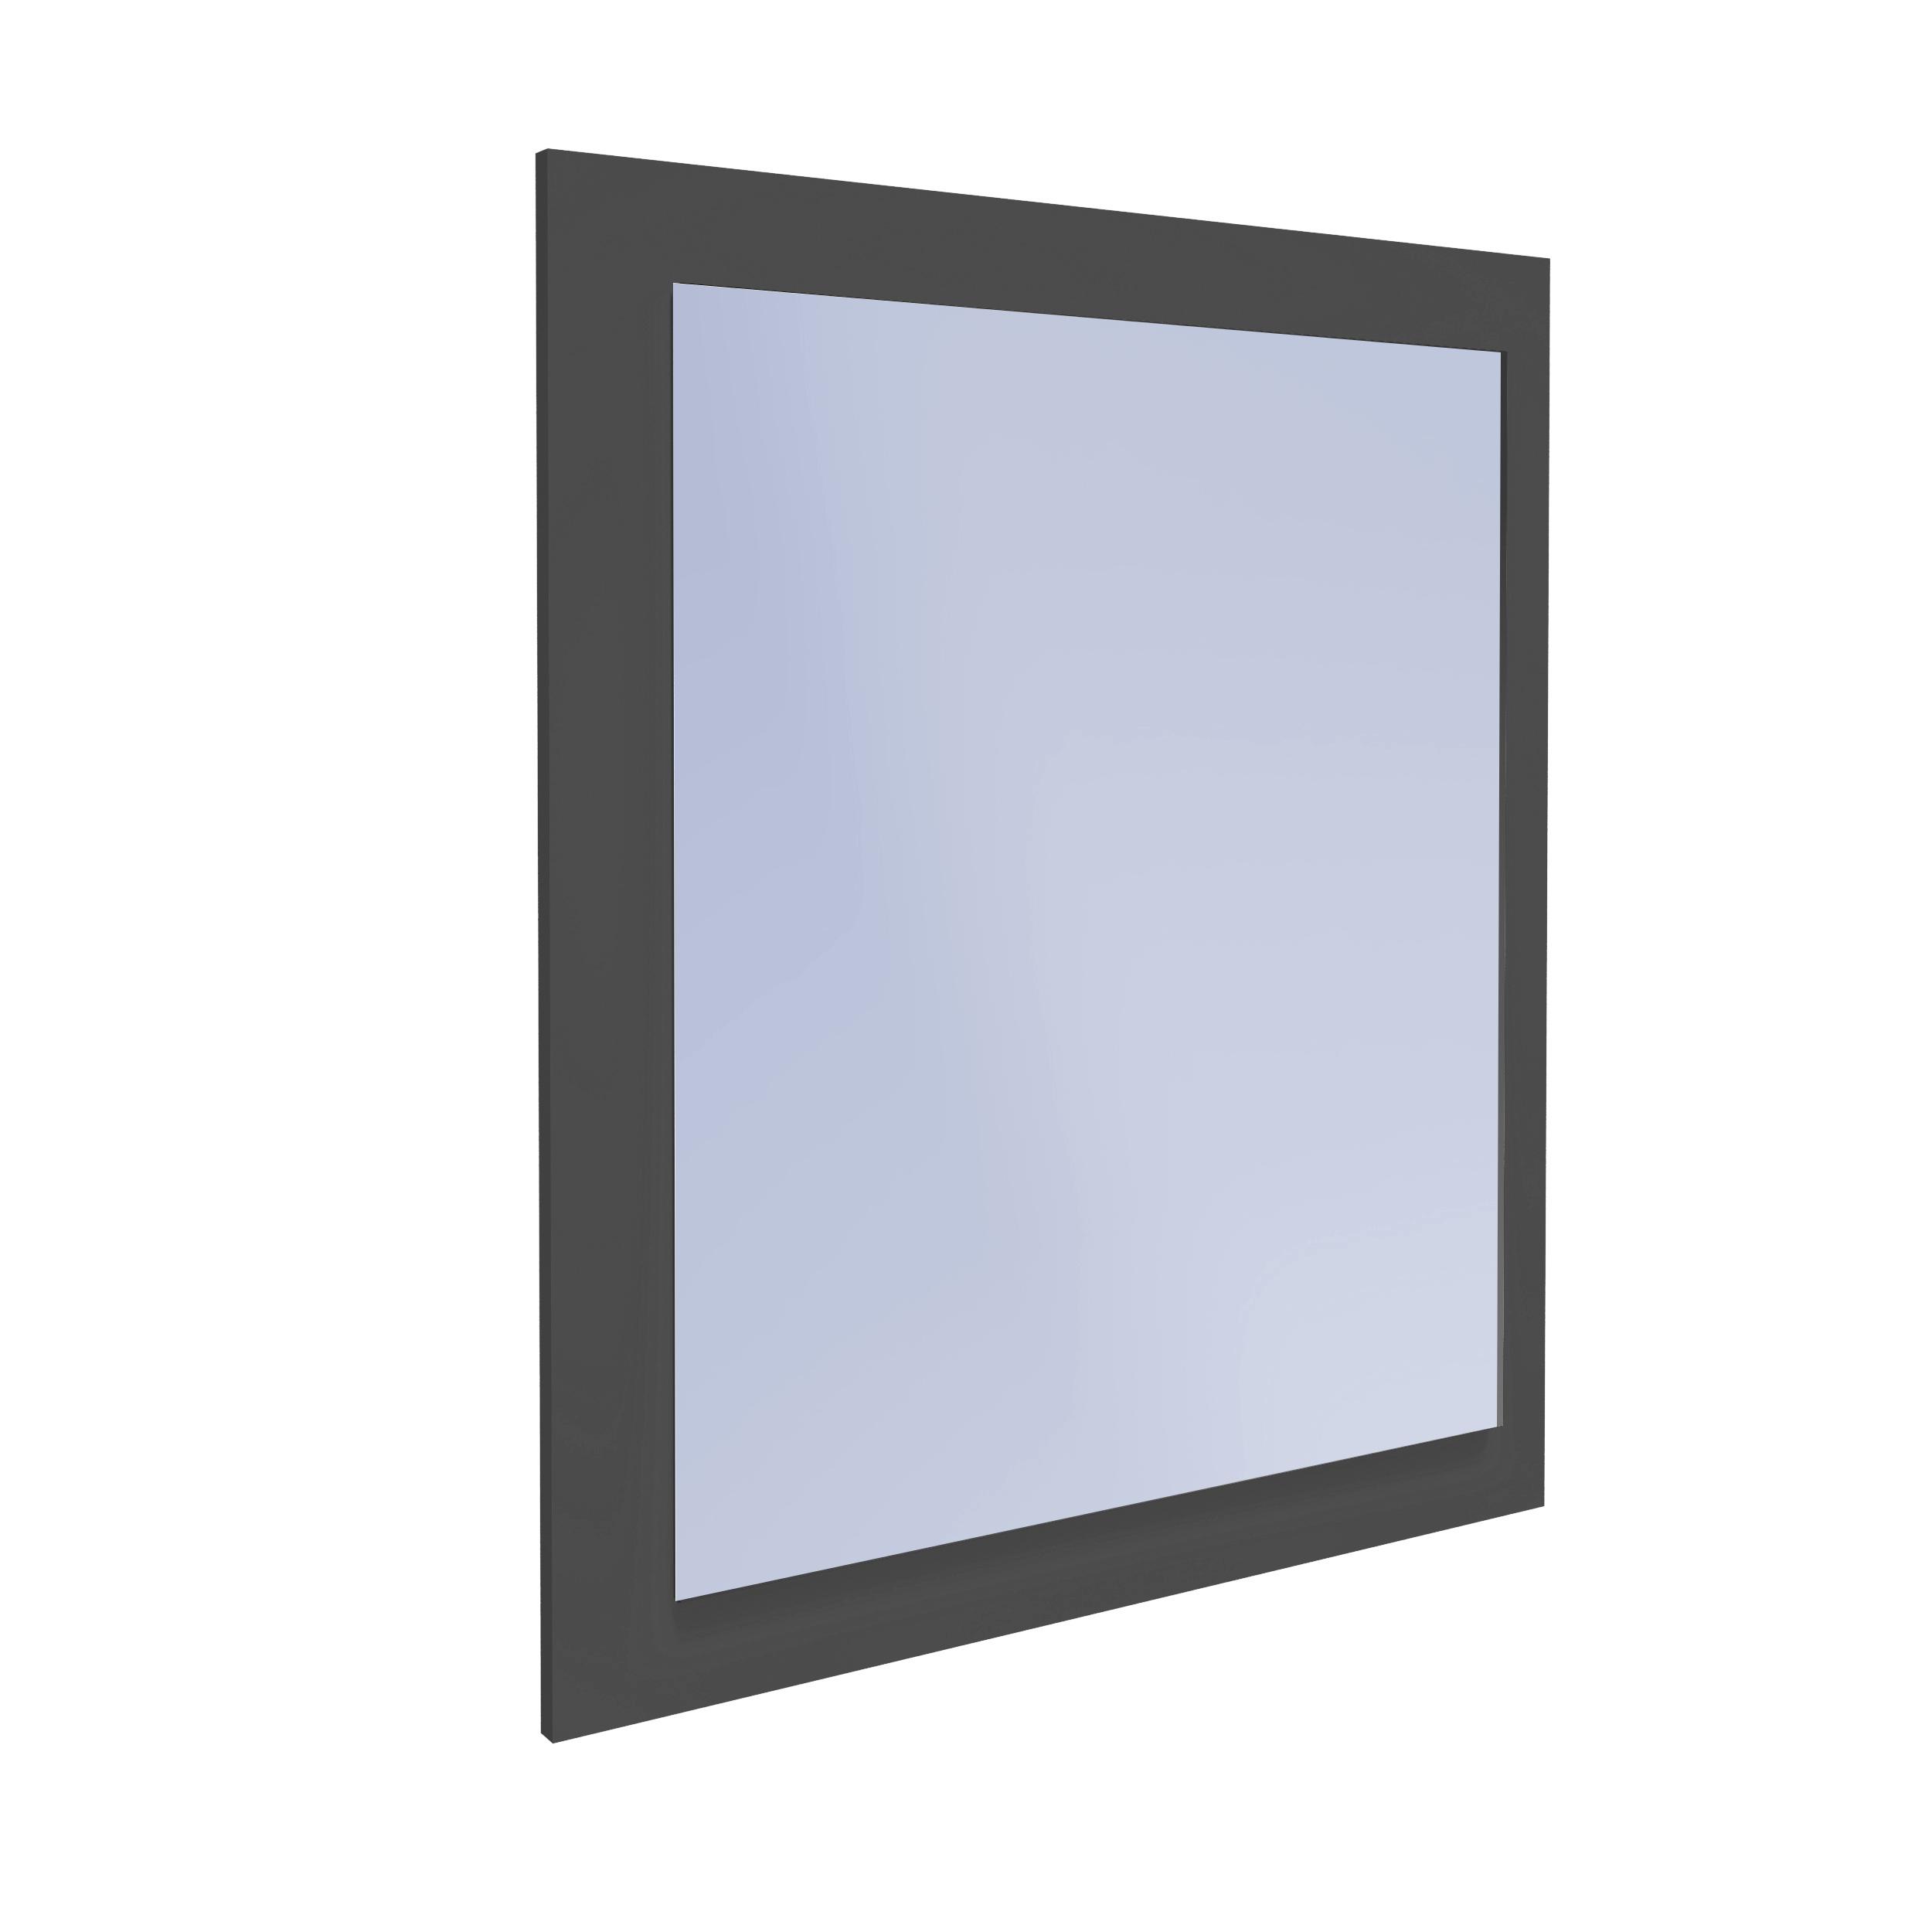 Zrkadlo pre Kúpeľňa Obojstranné Grafit 70x60